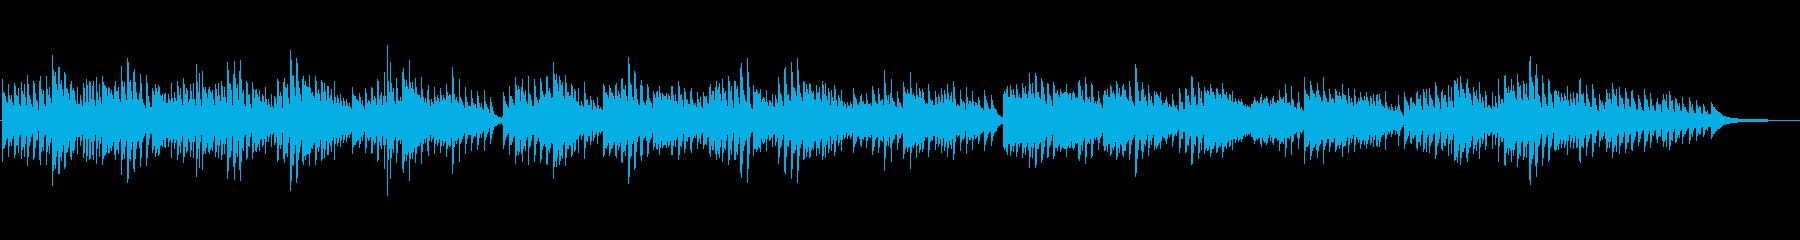 成功栄光系感動ピアノオリンピックスポーツの再生済みの波形